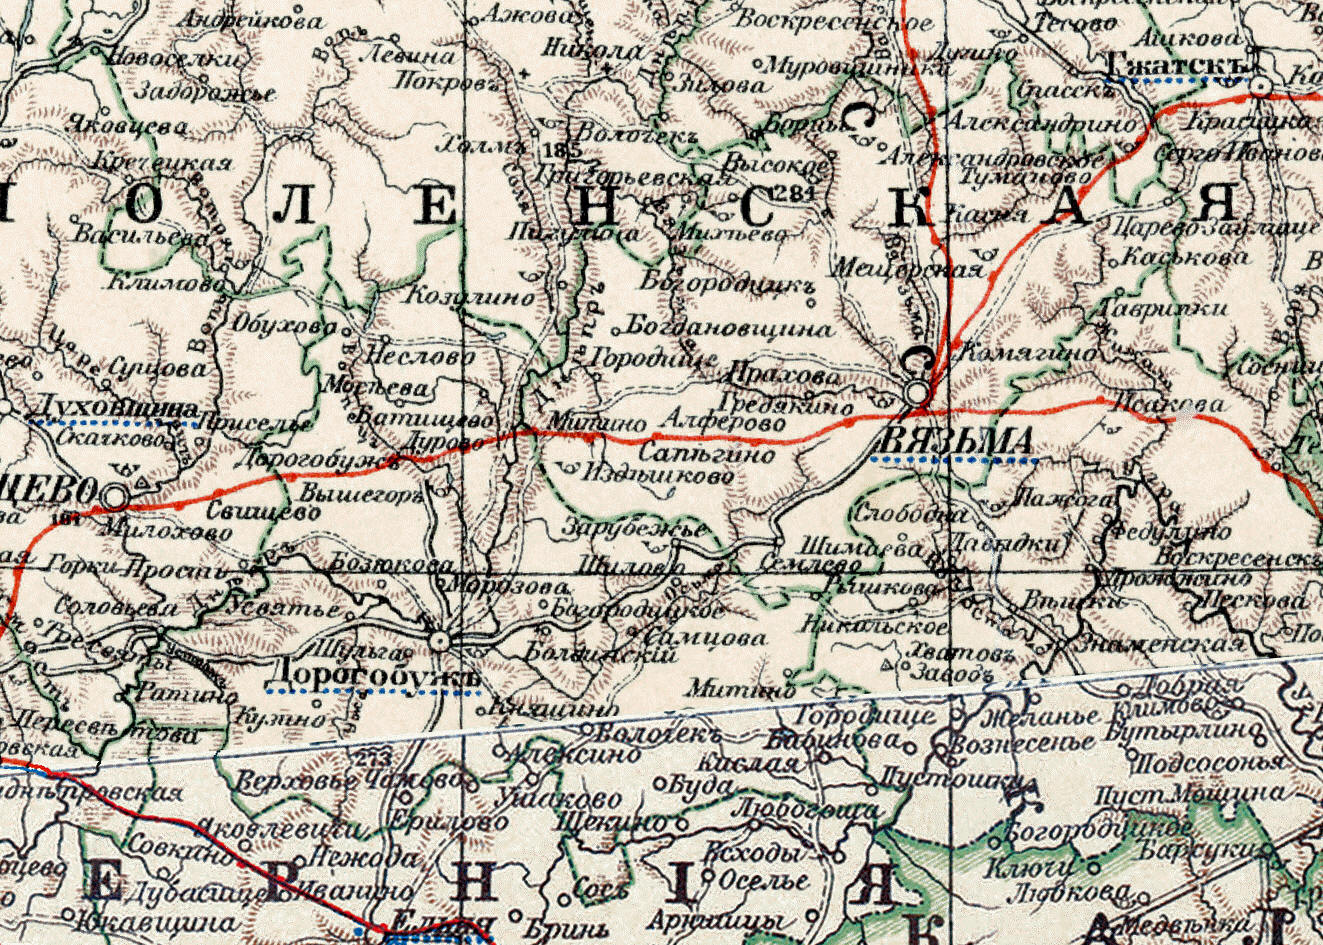 Дорогобужский и вяземский уезды смоленской губернии.